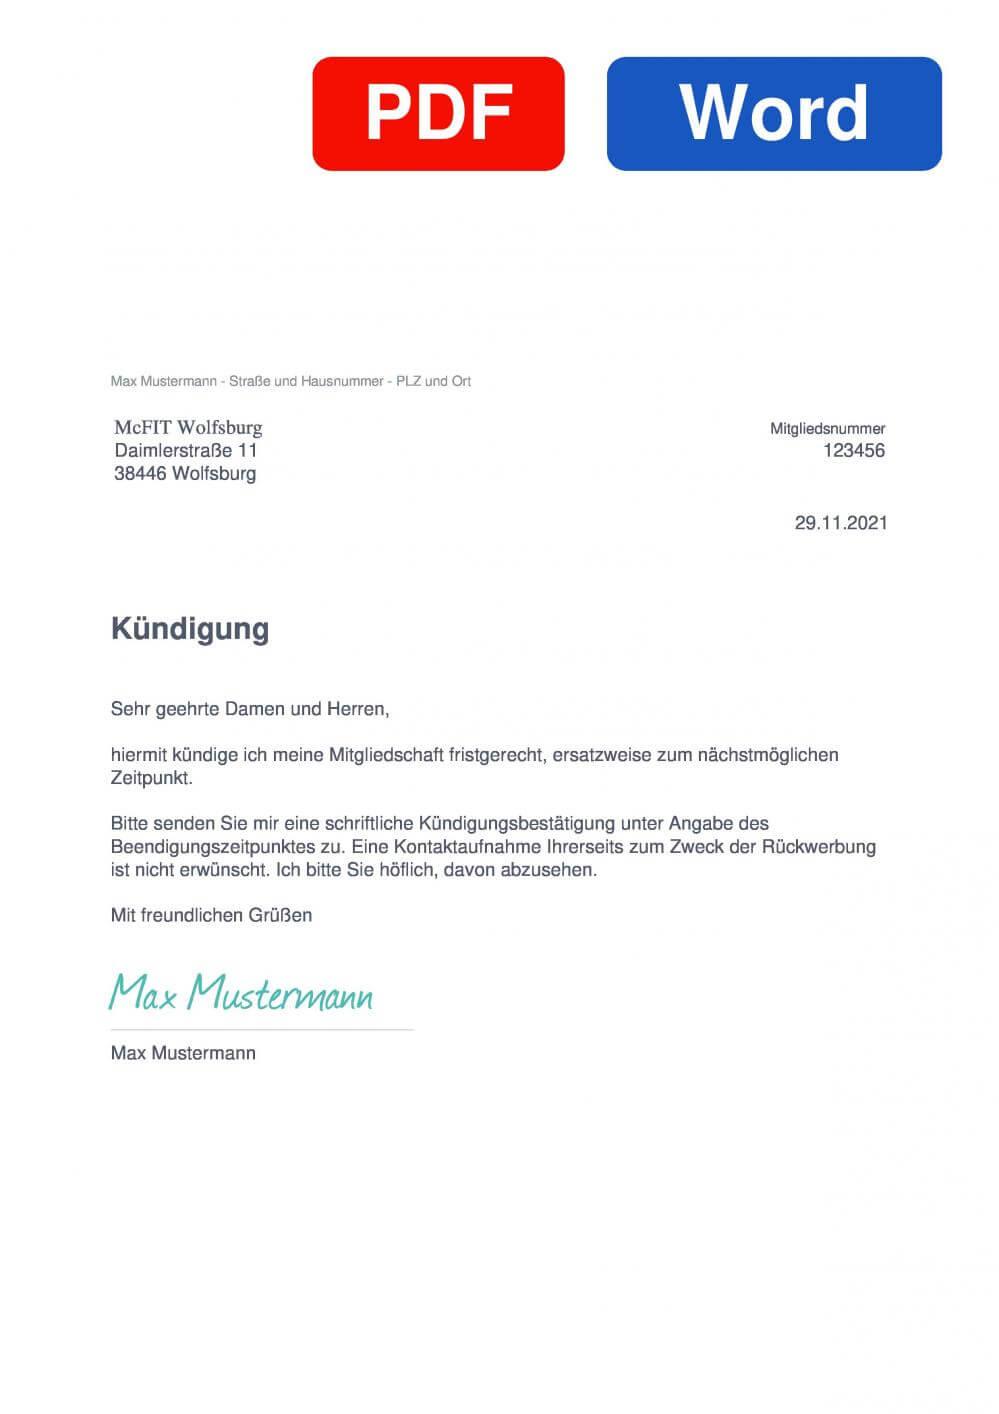 McFIT Wolfsburg Muster Vorlage für Kündigungsschreiben